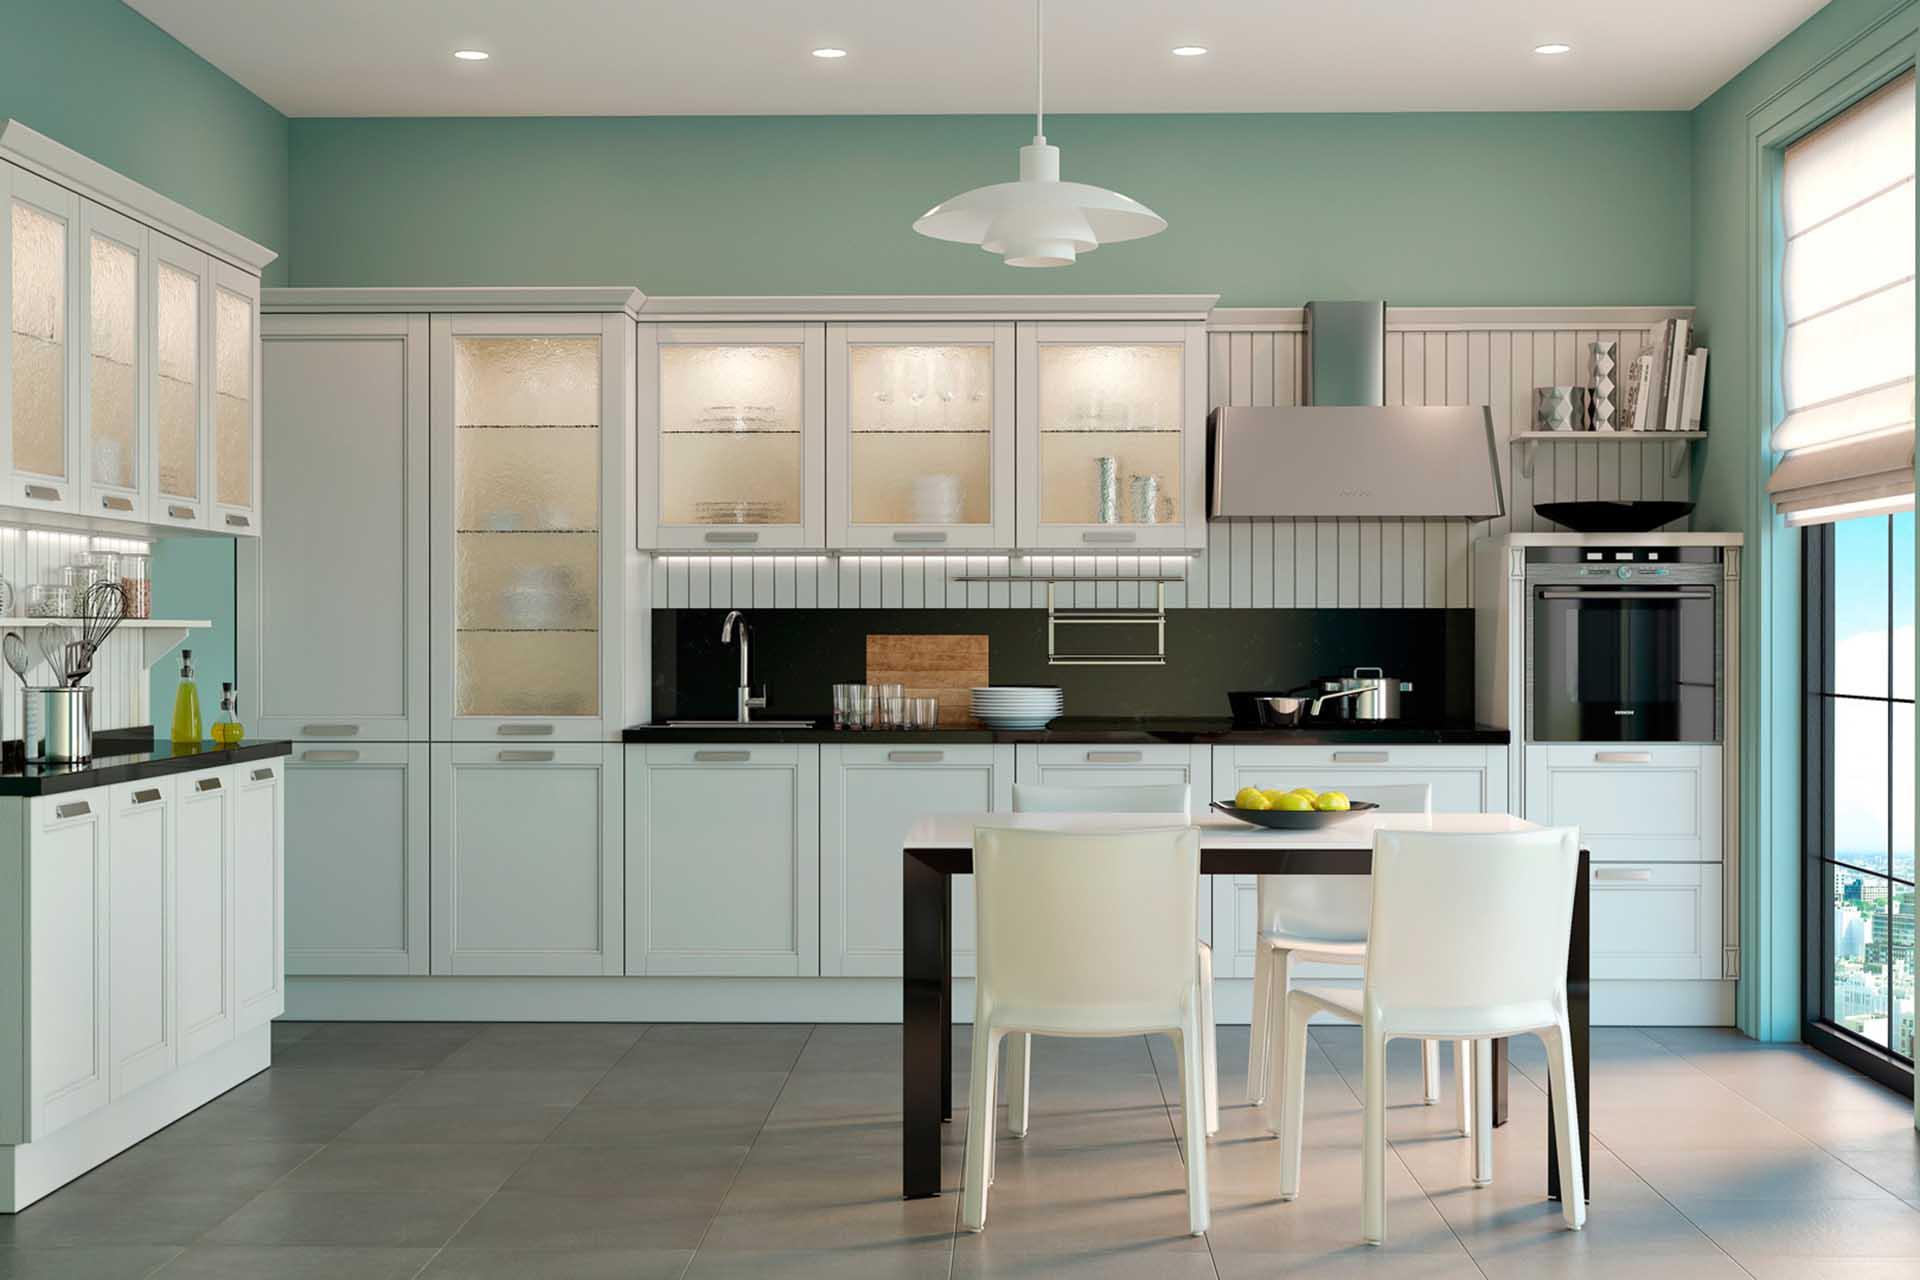 Эксклюзивный арт-дизайн кухни: как его разработать